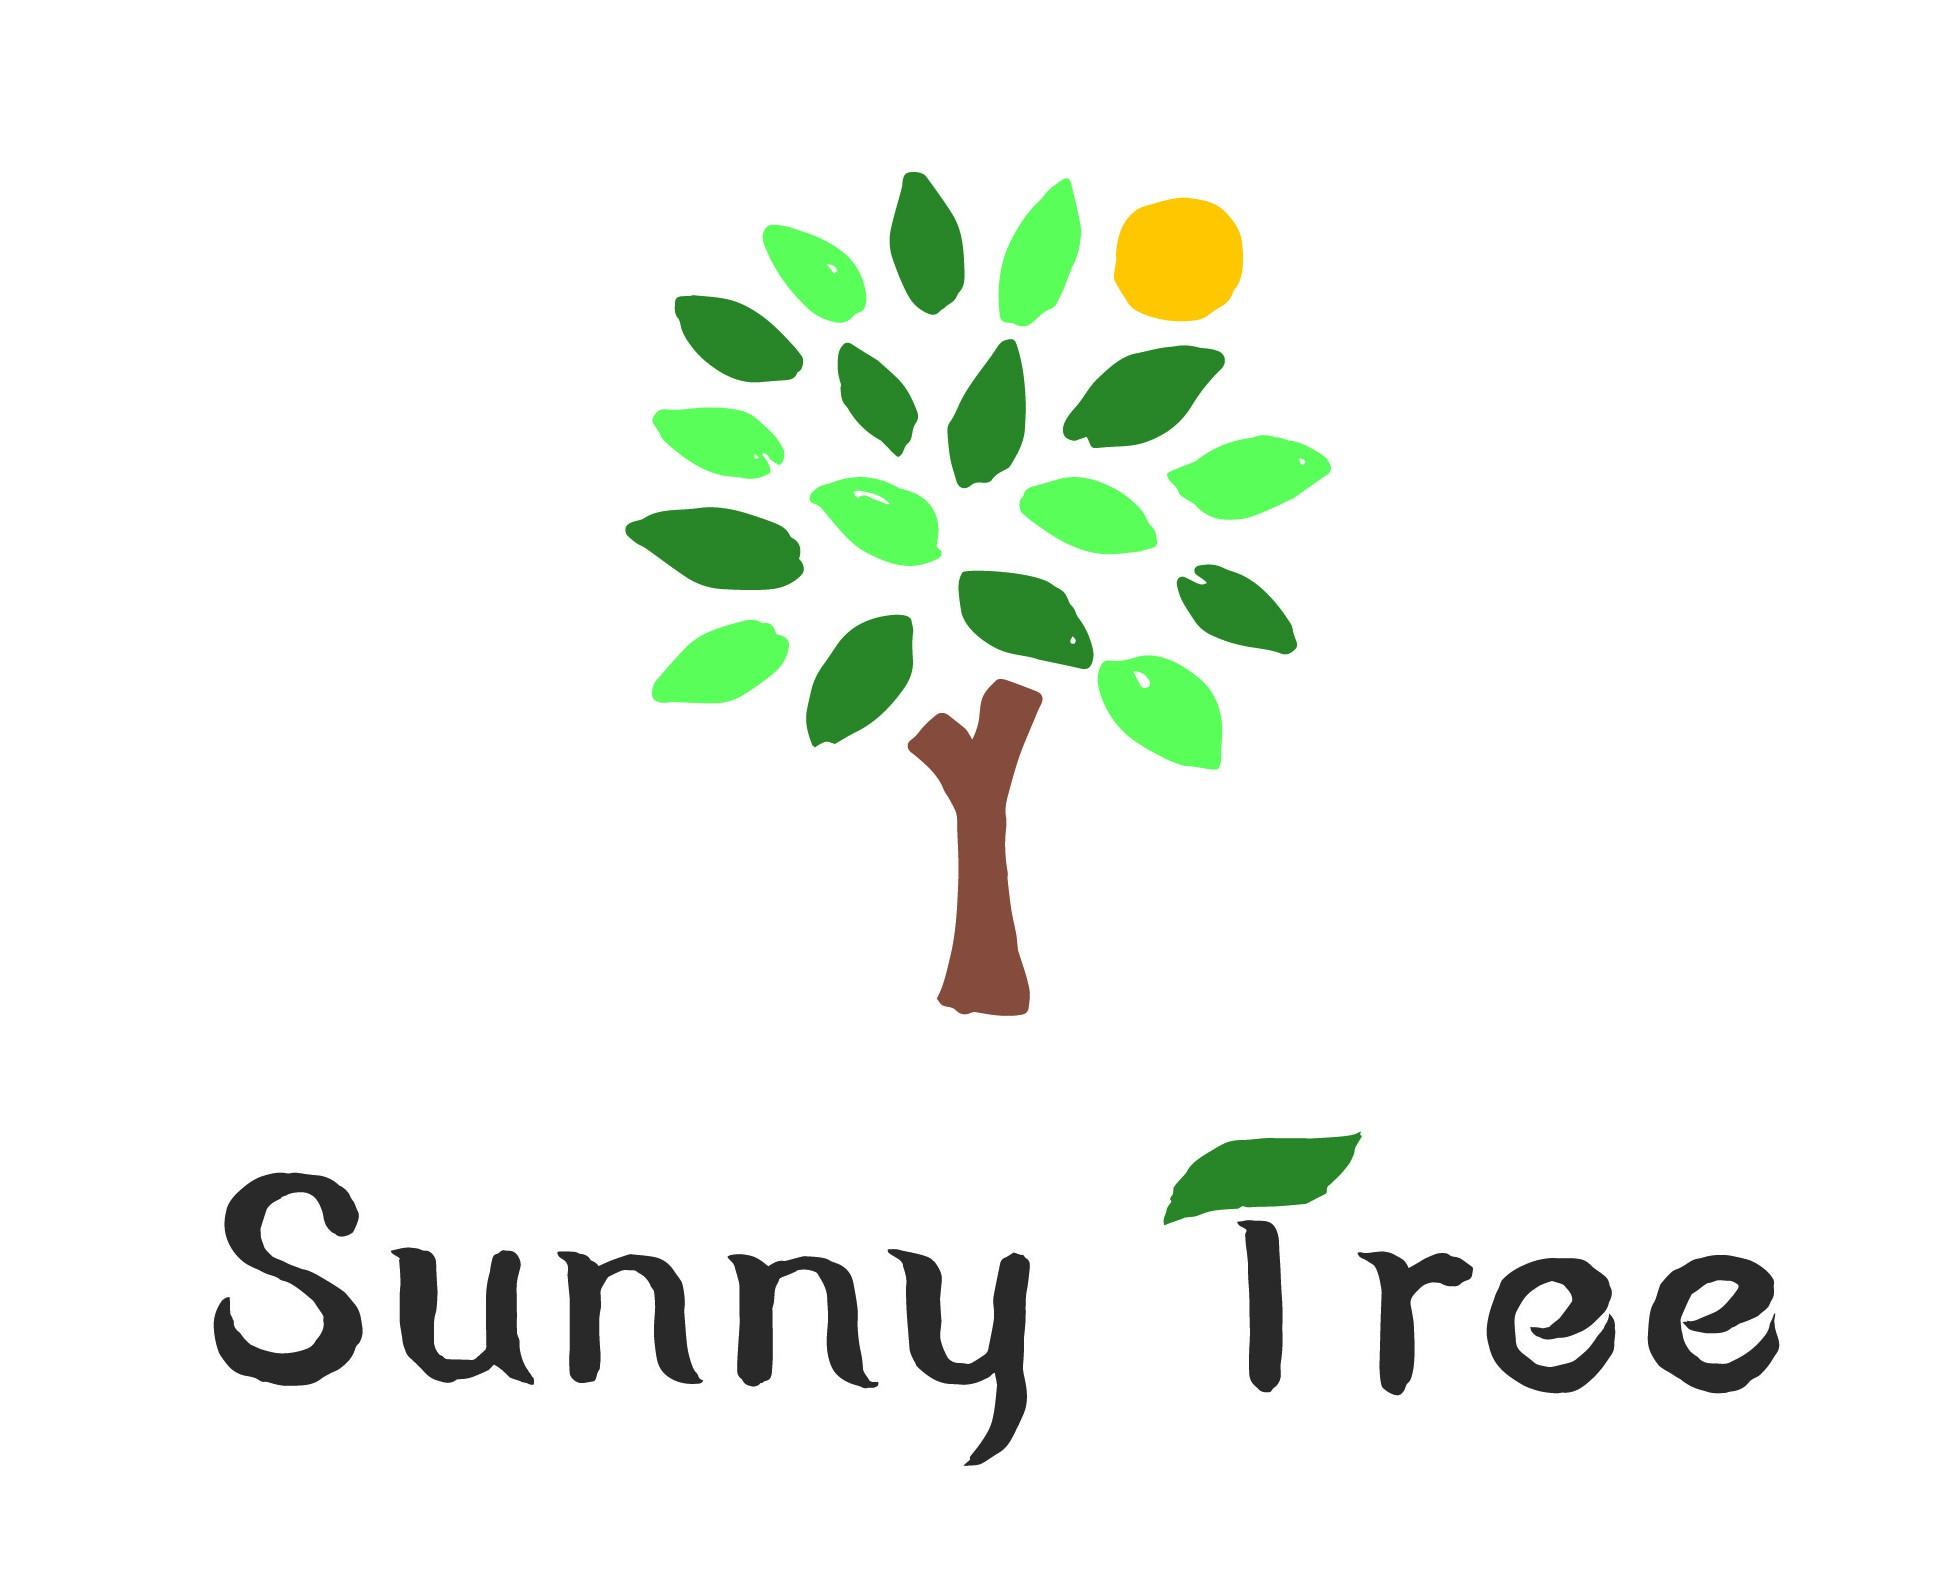 SunnyTree